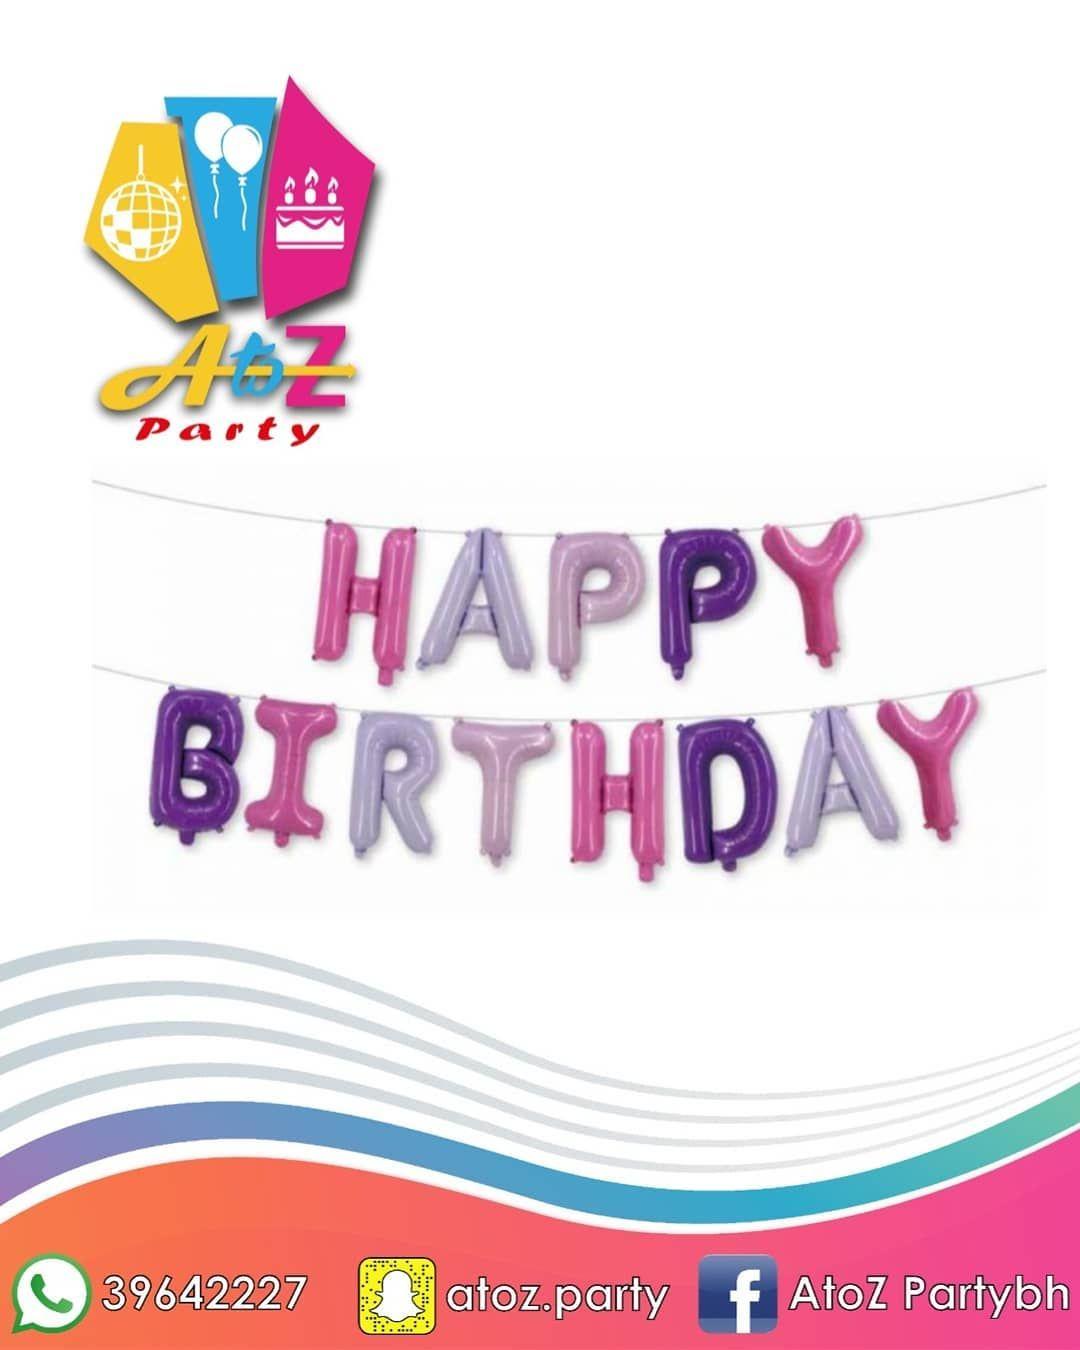 طقم بالونات قصدير كلمة Happy Birthday حرف حجم الحرف انش السعر Foil طقم بالونات قصدير كلمة Happy Birthday Birthday Trading Strategies Happy Birthday